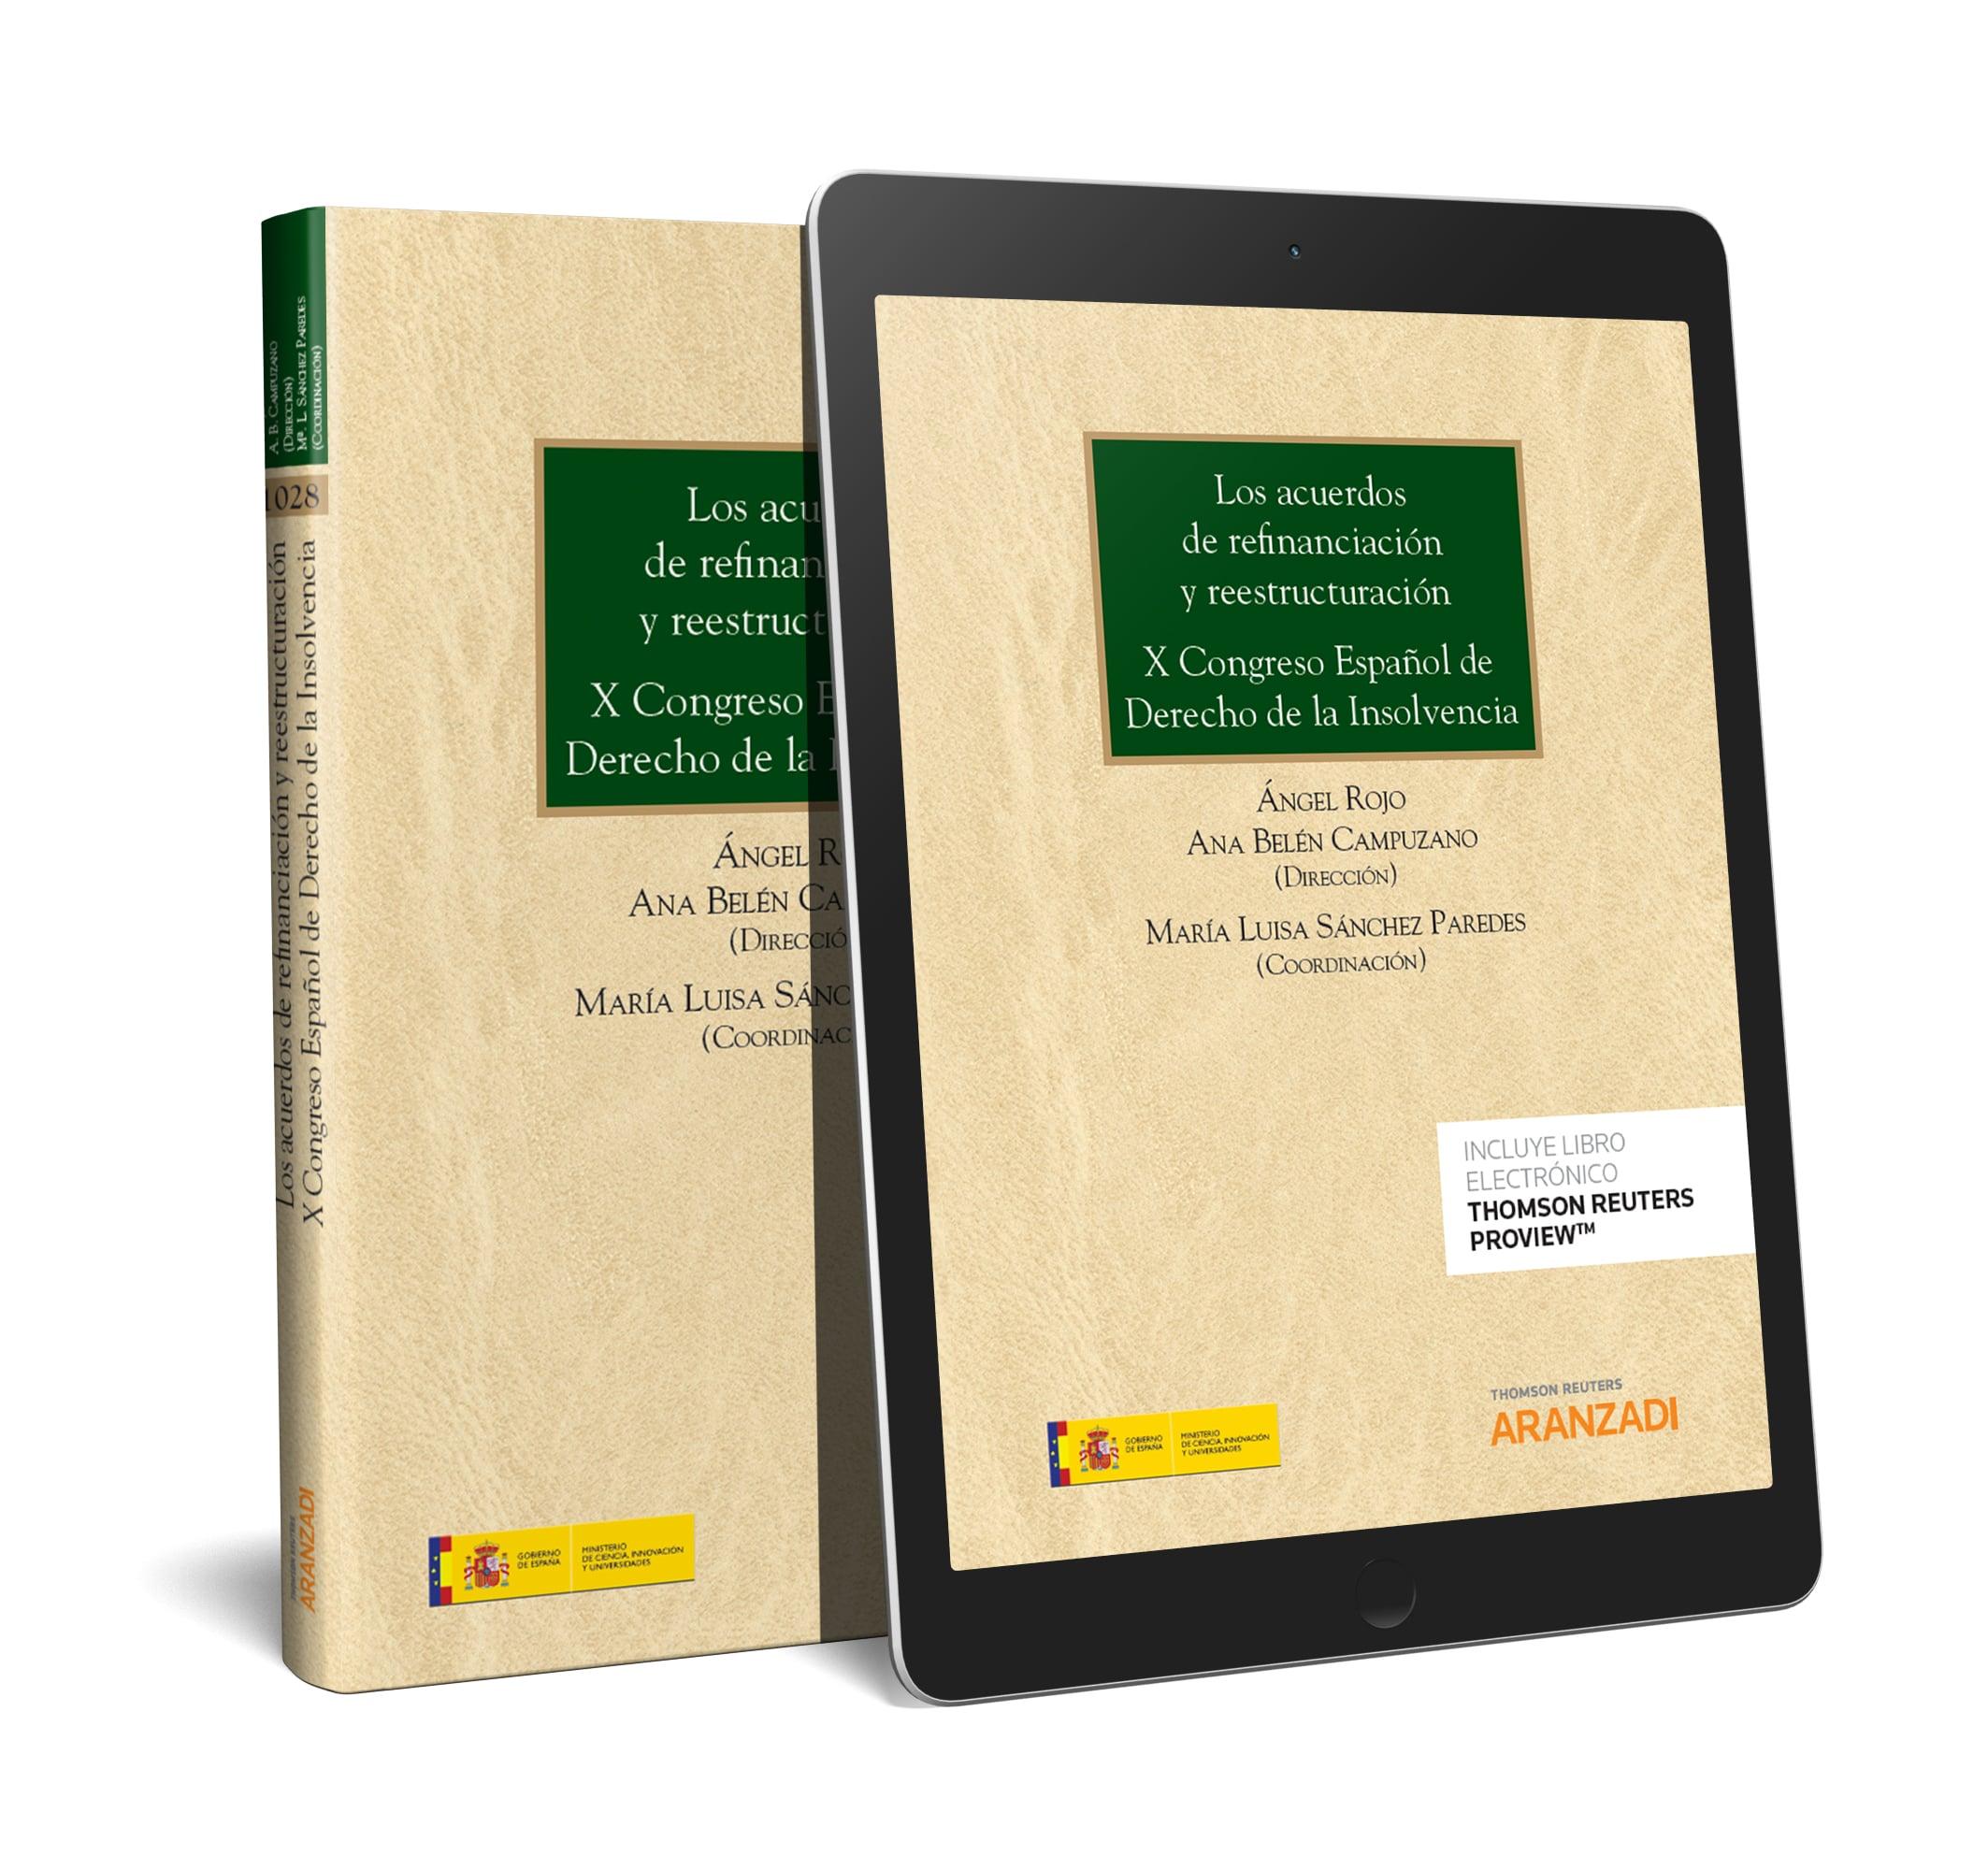 Los acuerdos de refinanciación y reestructuración. X Congreso Español de Derecho de la Insolvencia (Papel + e-book)